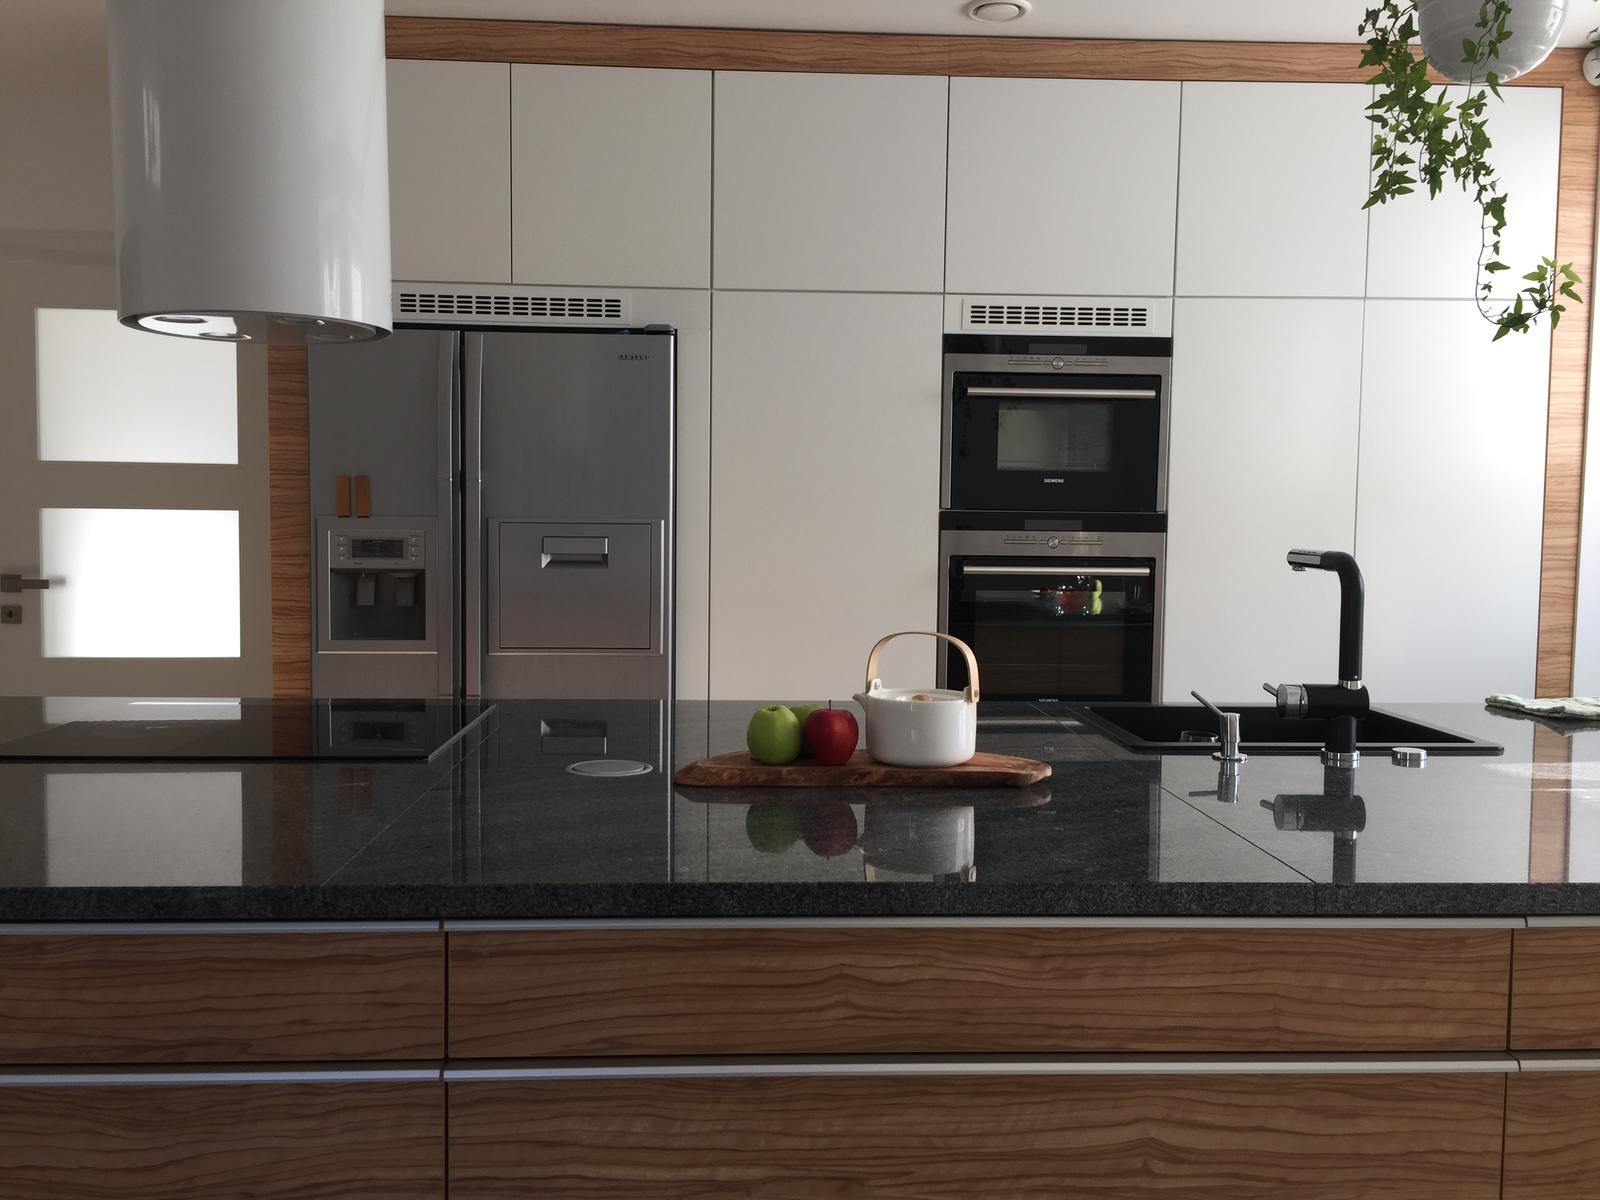 Dům už máme postavený, teď z něho děláme DOMOV - pro ferdinandaa rozmístění kuchyně